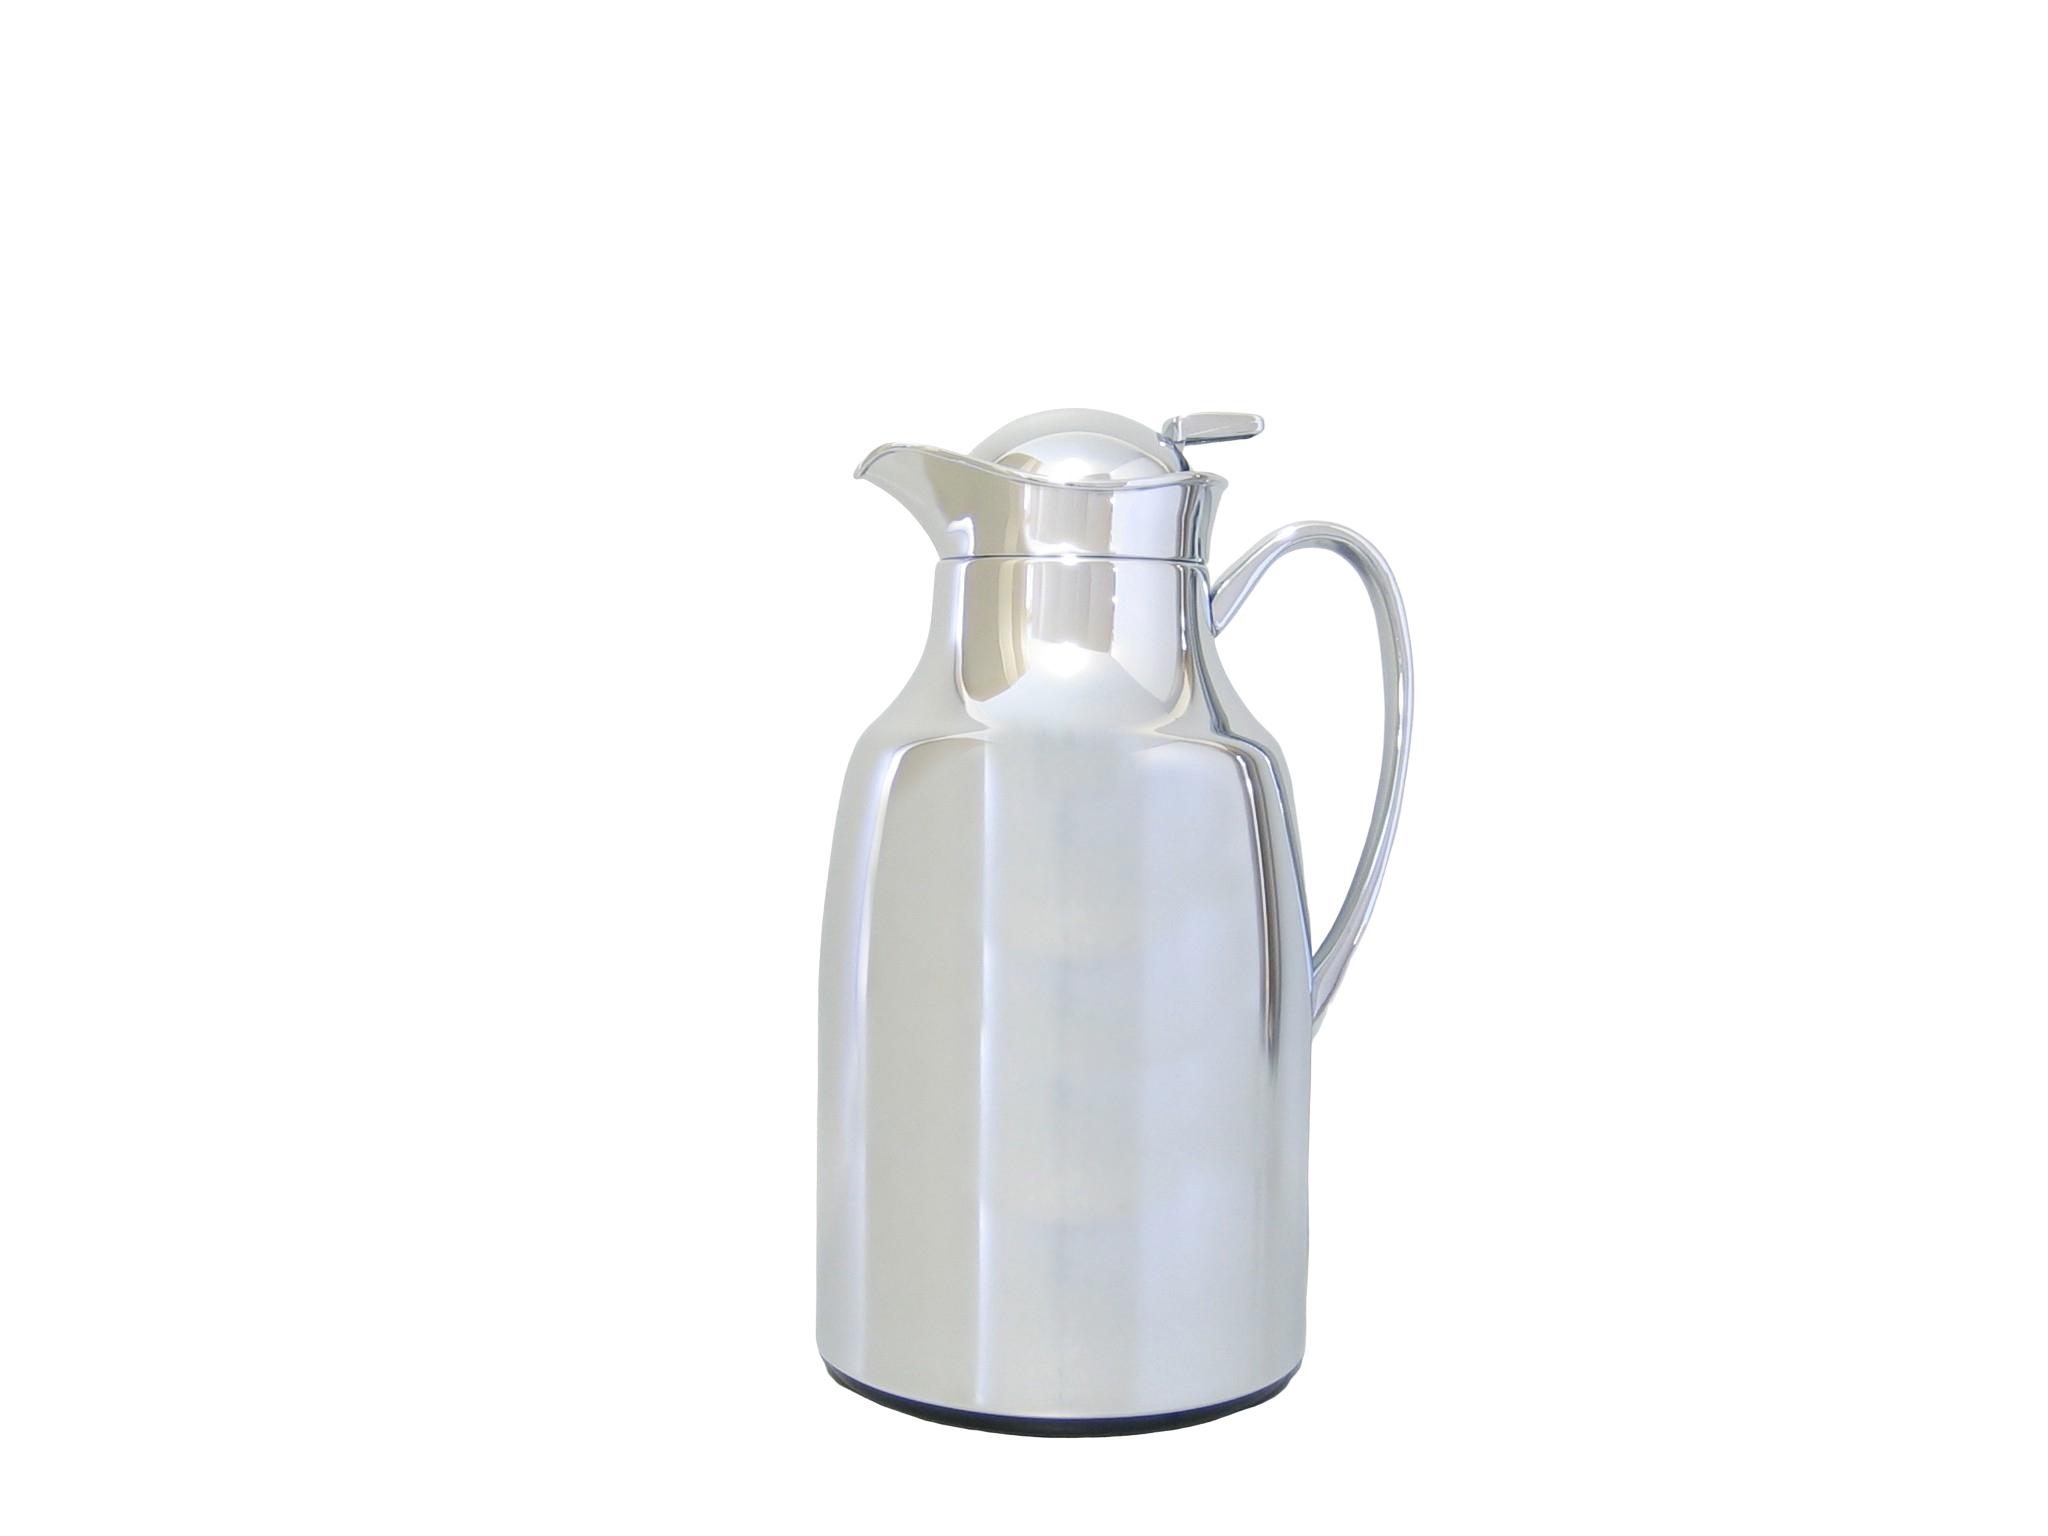 PRONTO13-904 - Vacuum carafe in chromed metal 1.3 L (ALLEGRA) - Isobel Classic